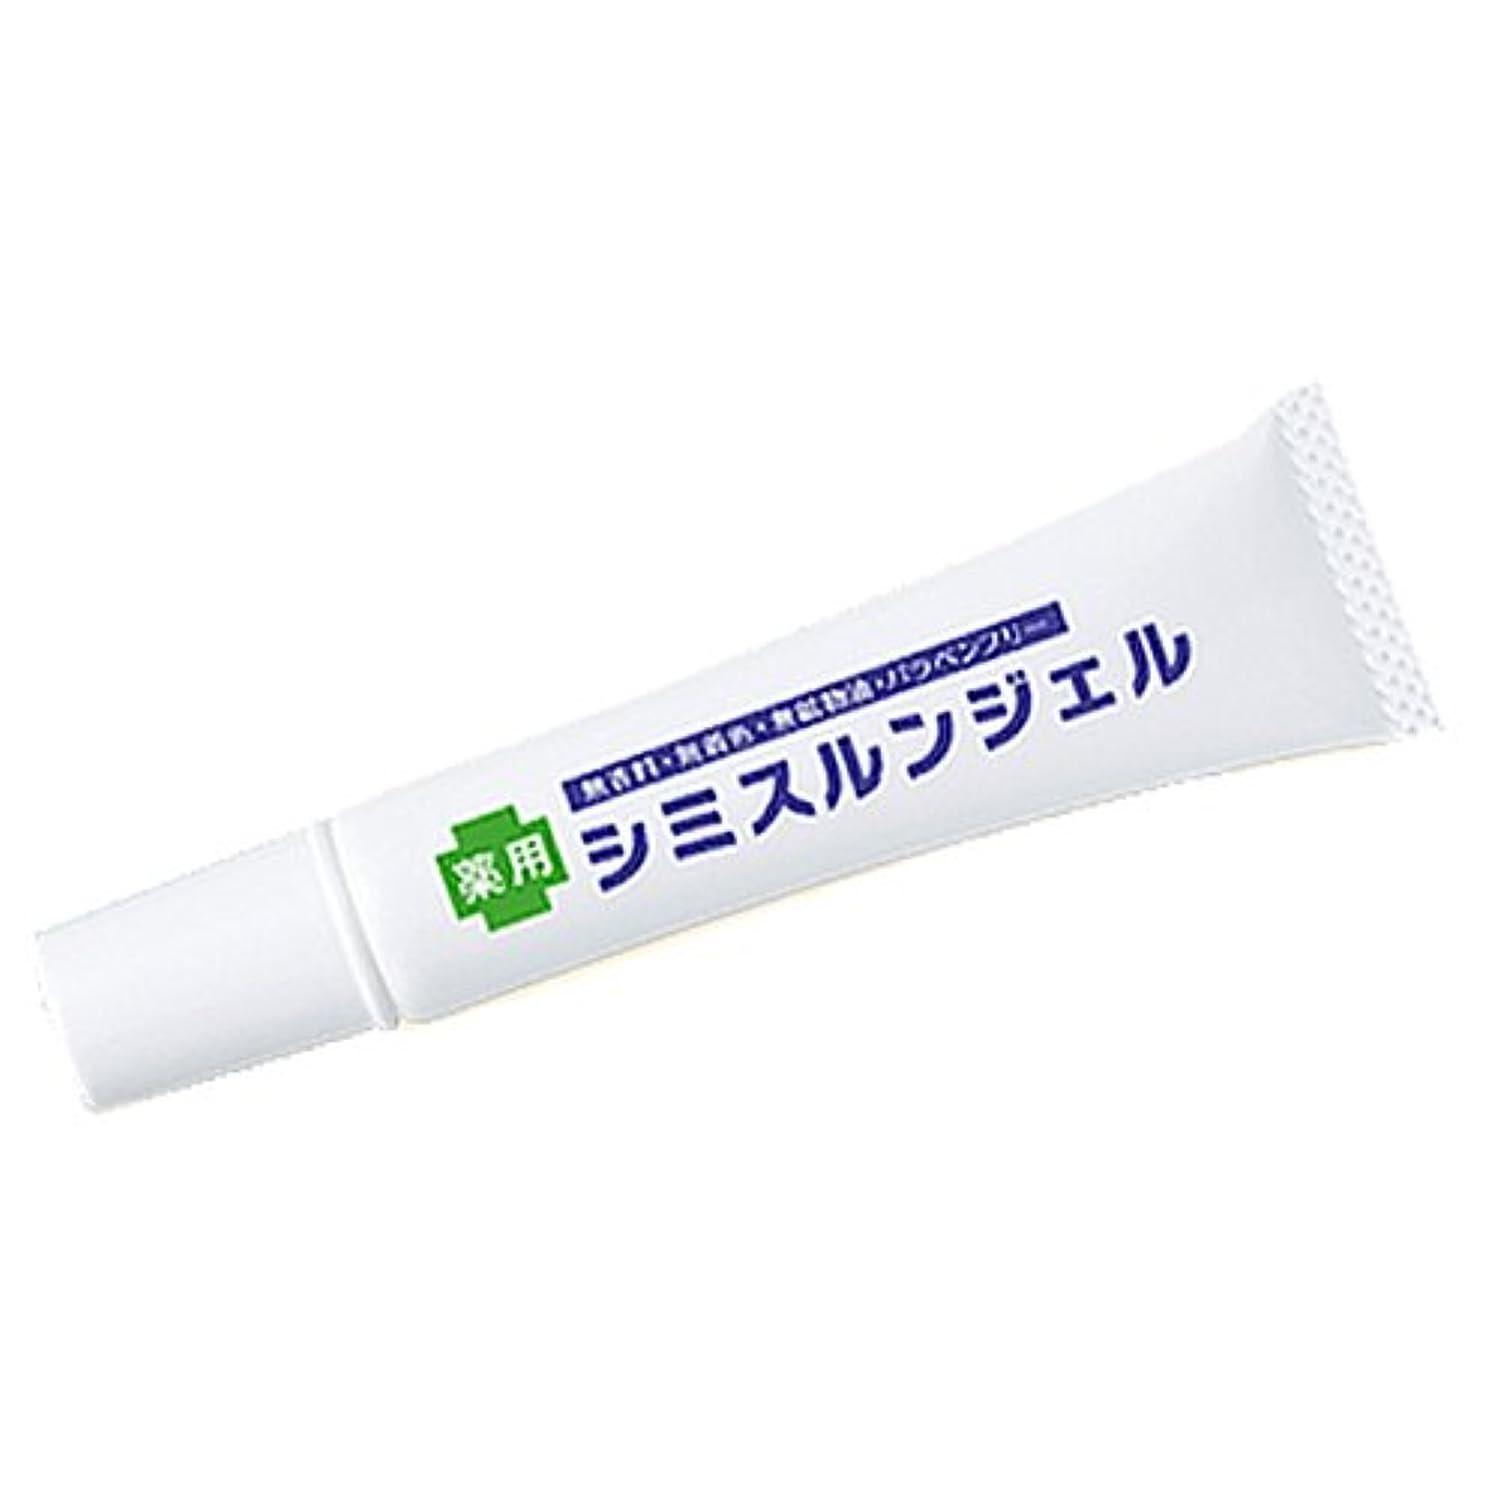 標準コーナー病ナクナーレ 薬用シミスルンジェル 医薬部外品